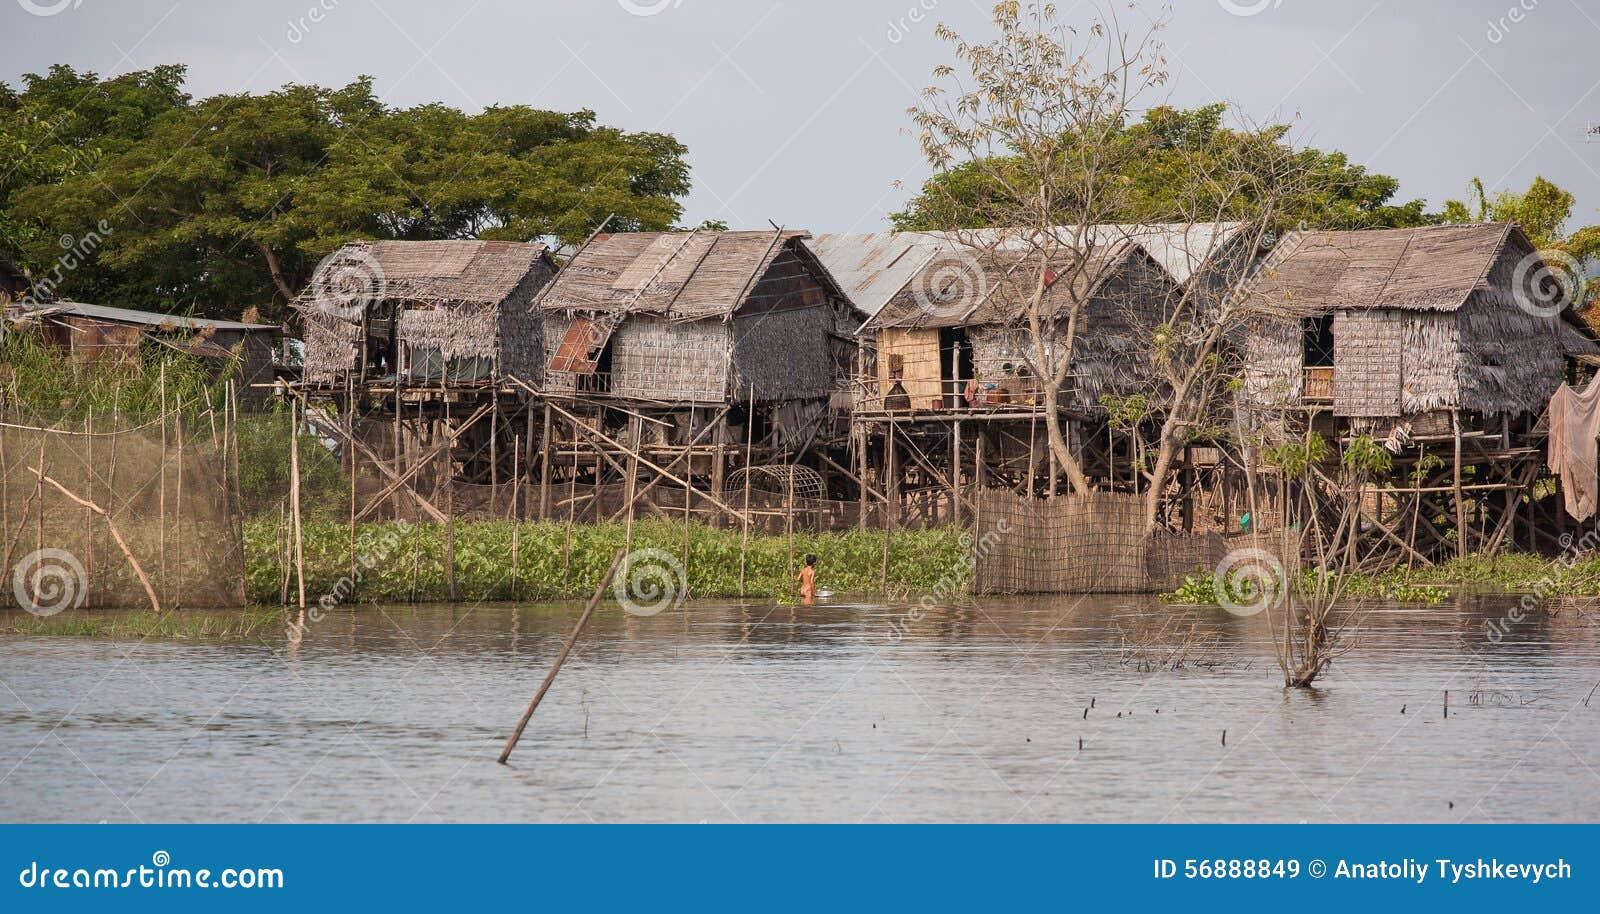 Wenig Haus auf dem Wasser, ein Kinderfischen mit einer Eisenschüssel